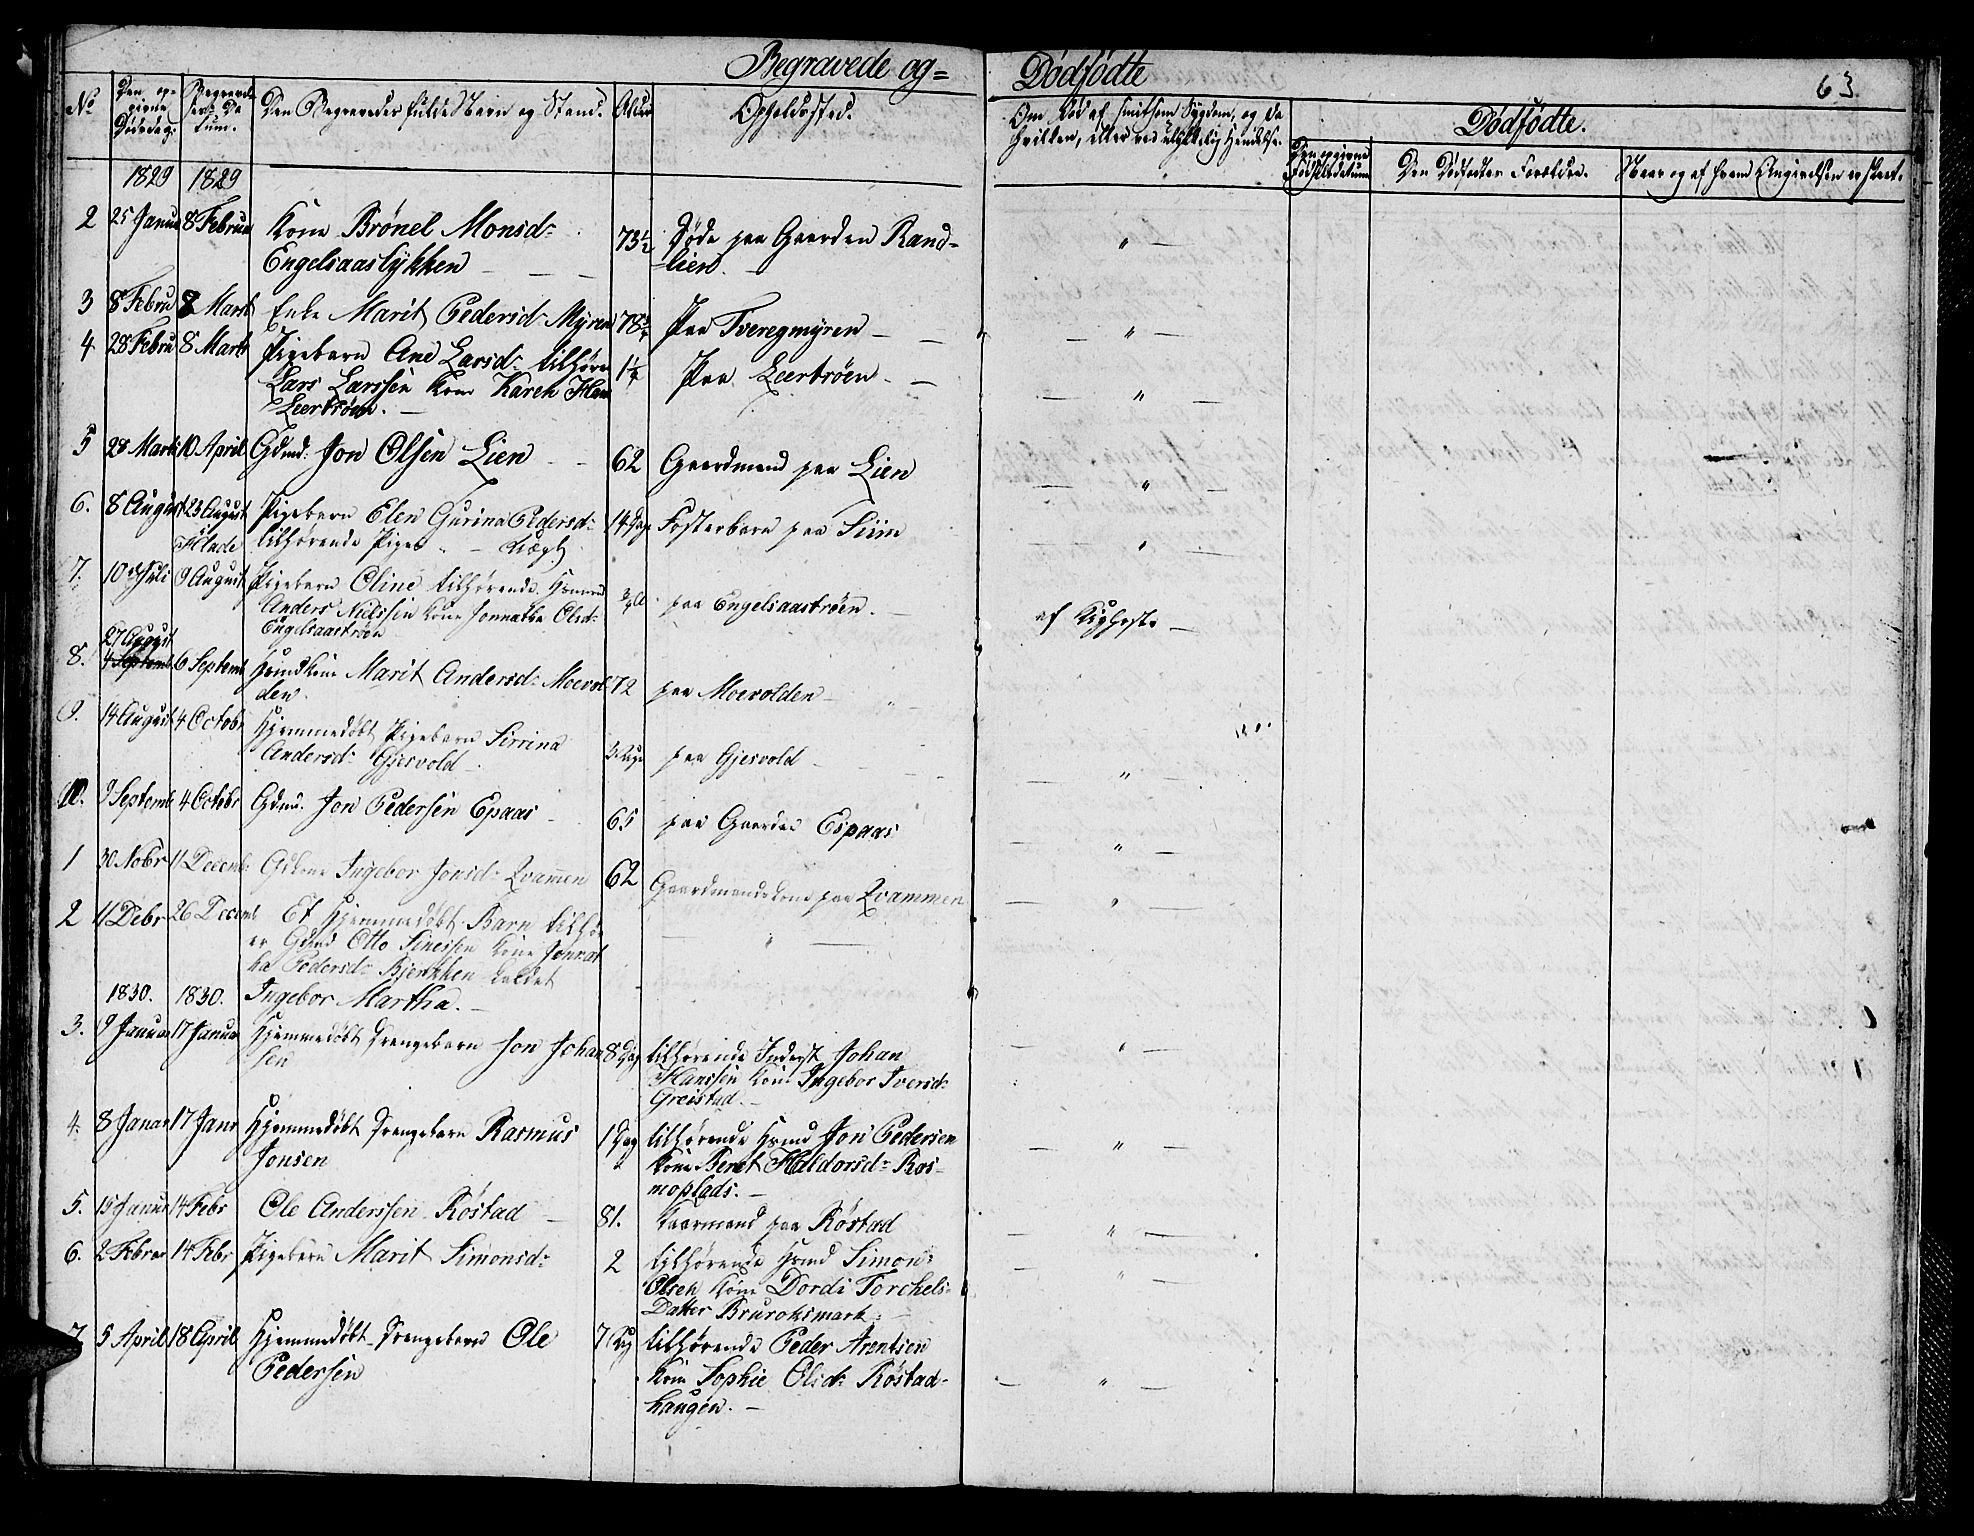 SAT, Ministerialprotokoller, klokkerbøker og fødselsregistre - Sør-Trøndelag, 608/L0337: Klokkerbok nr. 608C03, 1821-1831, s. 63